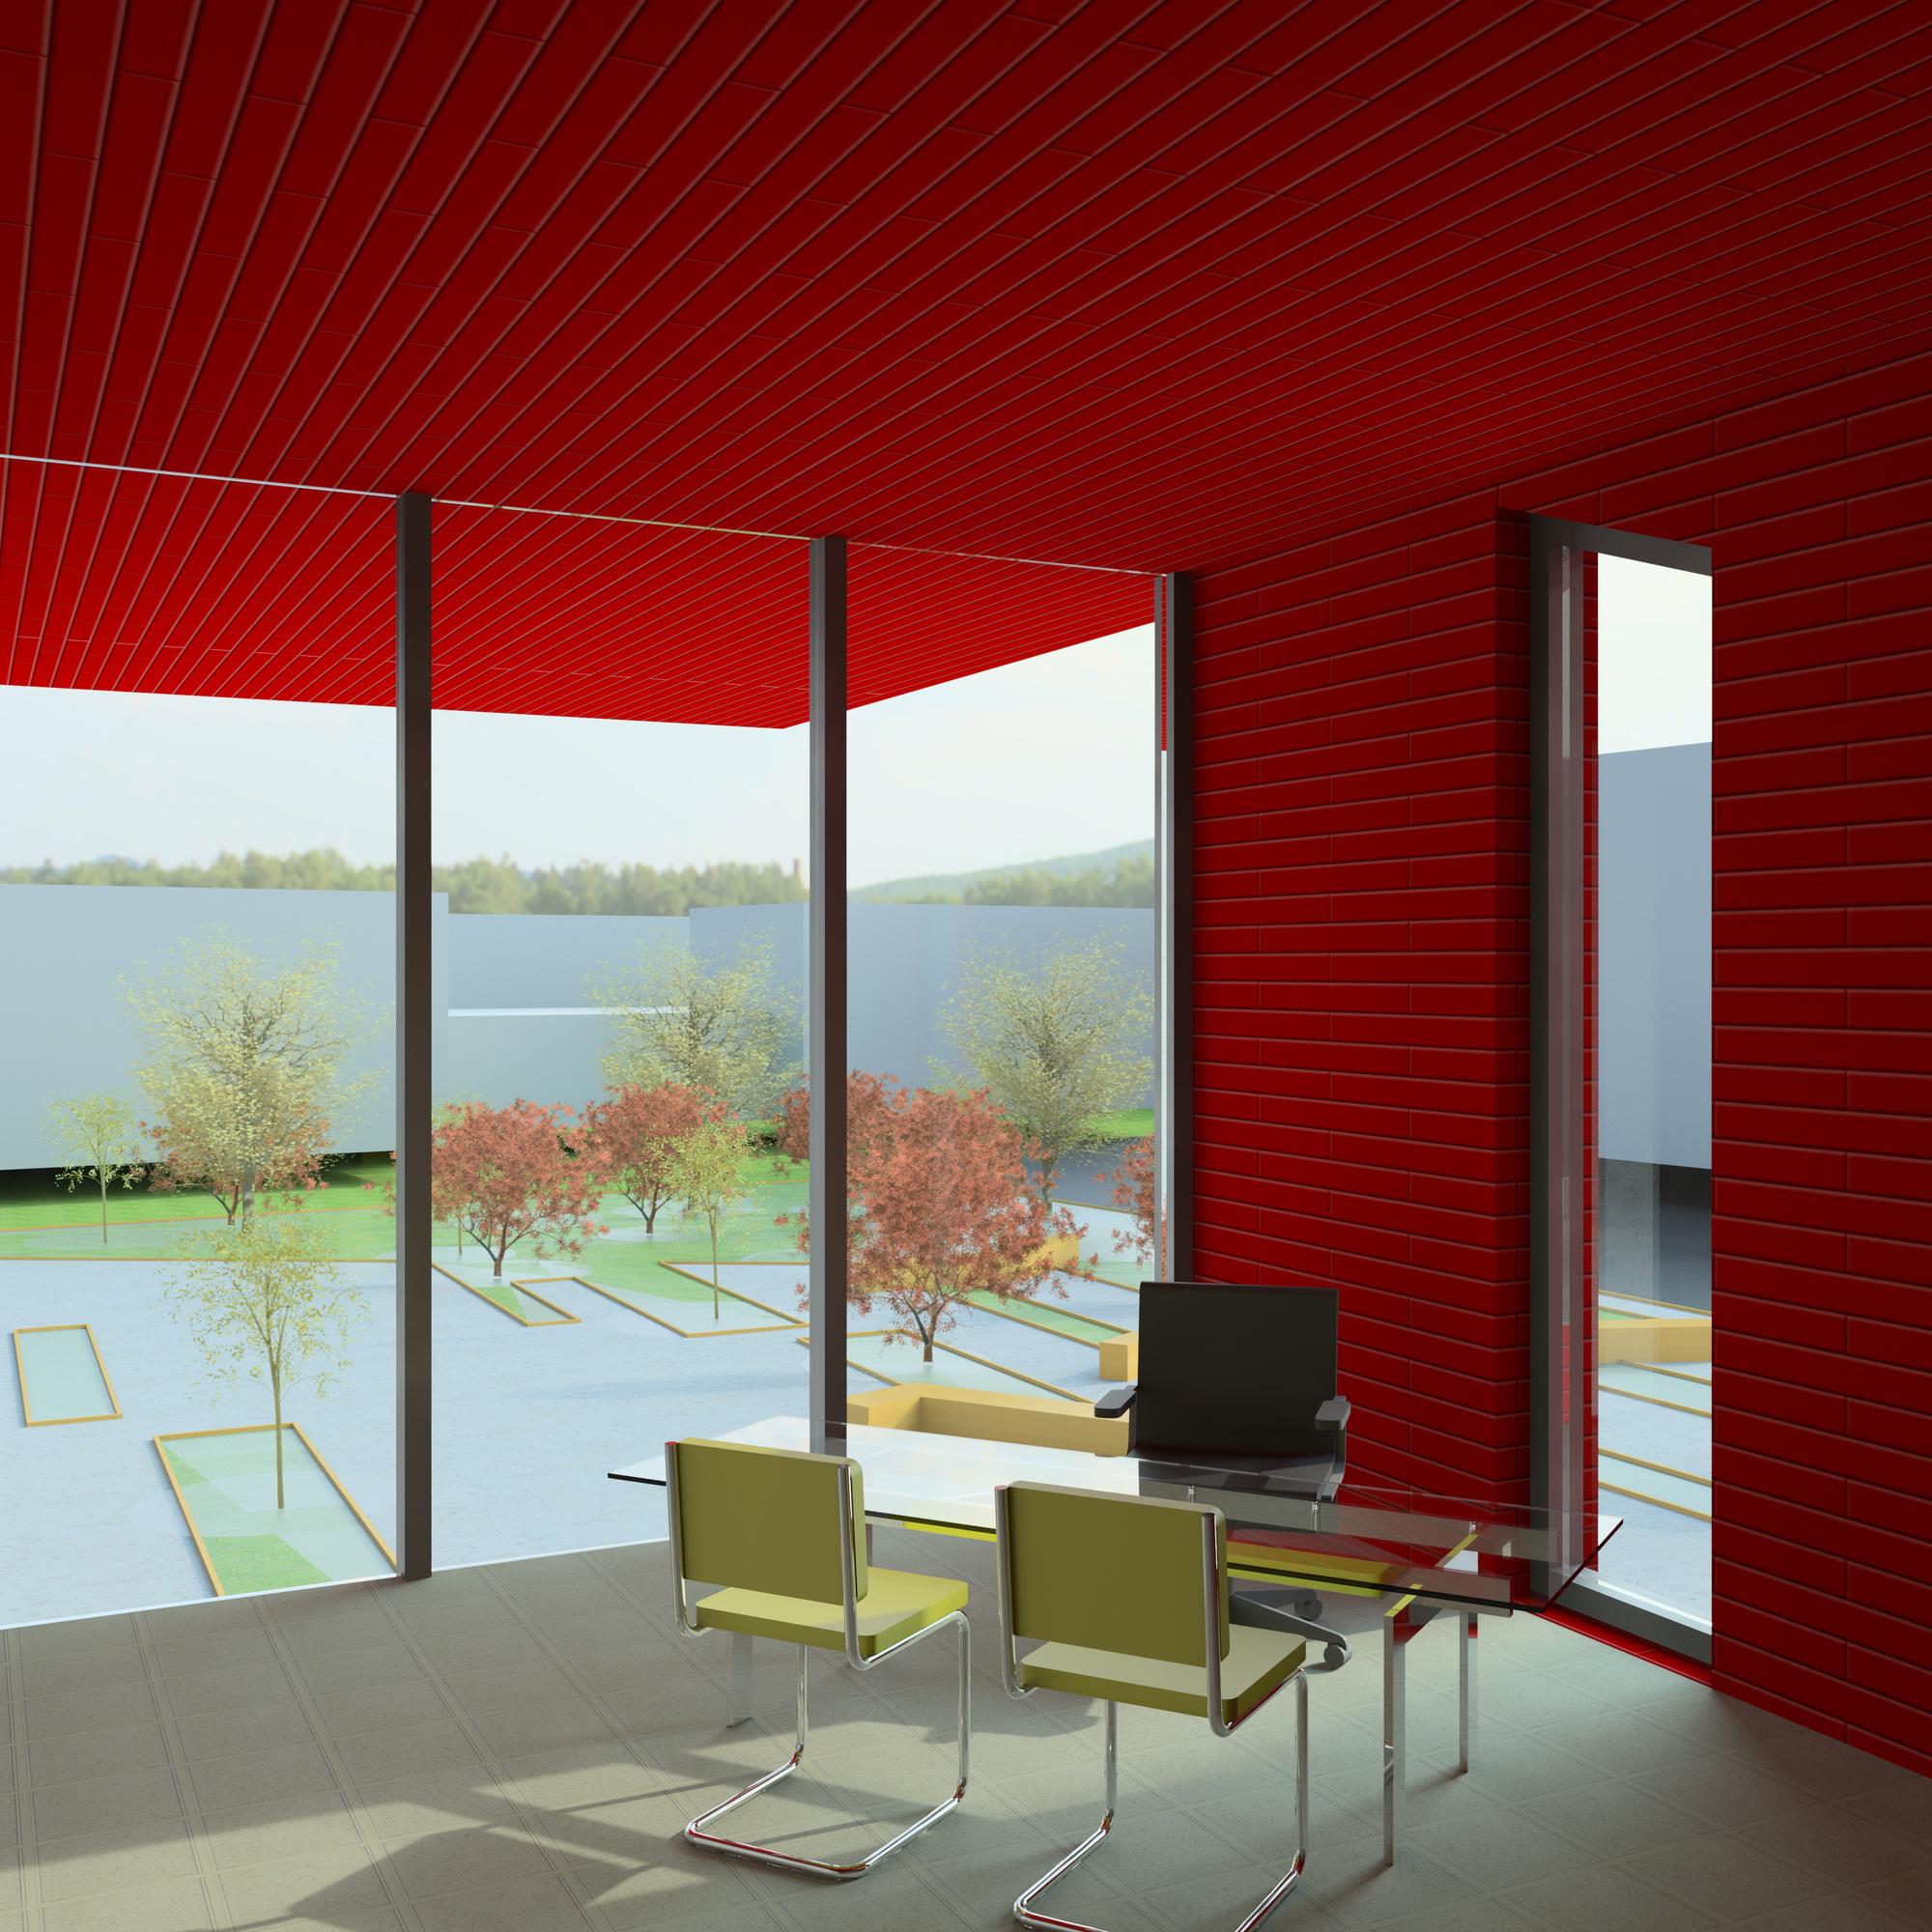 Raas-rendering20150223-15060-8t7x0c